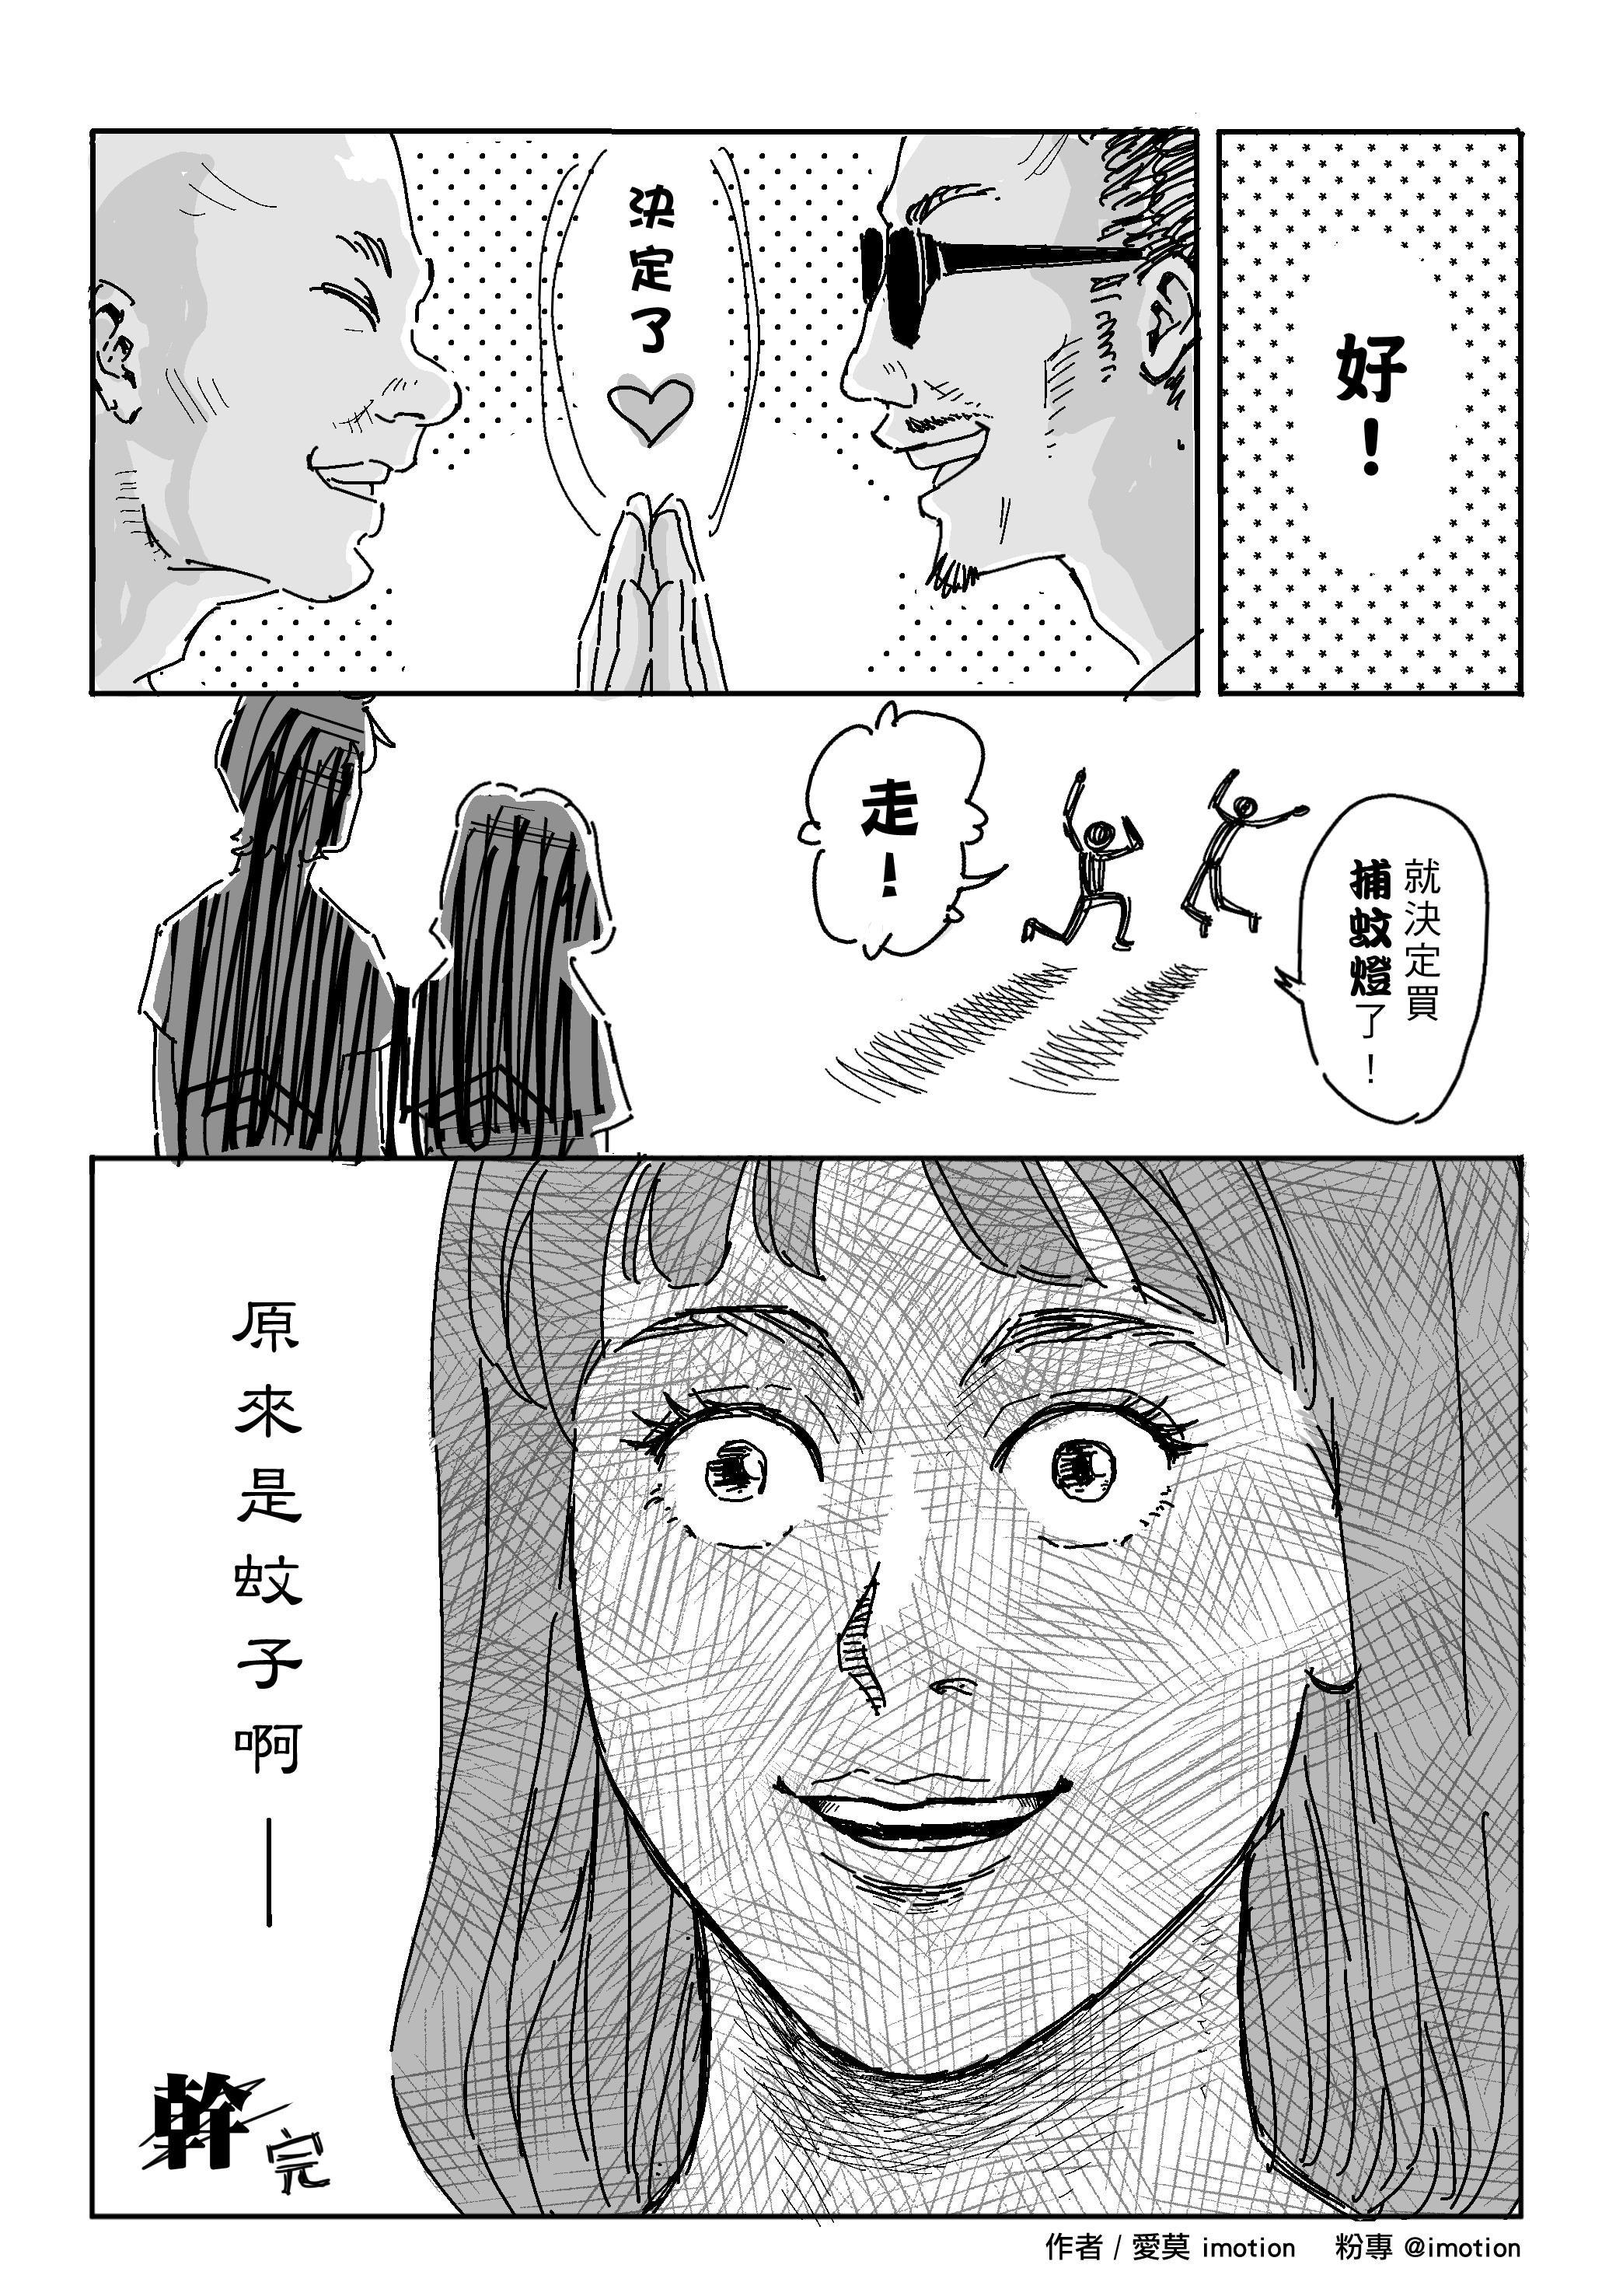 分鏡接力_last_imo_06